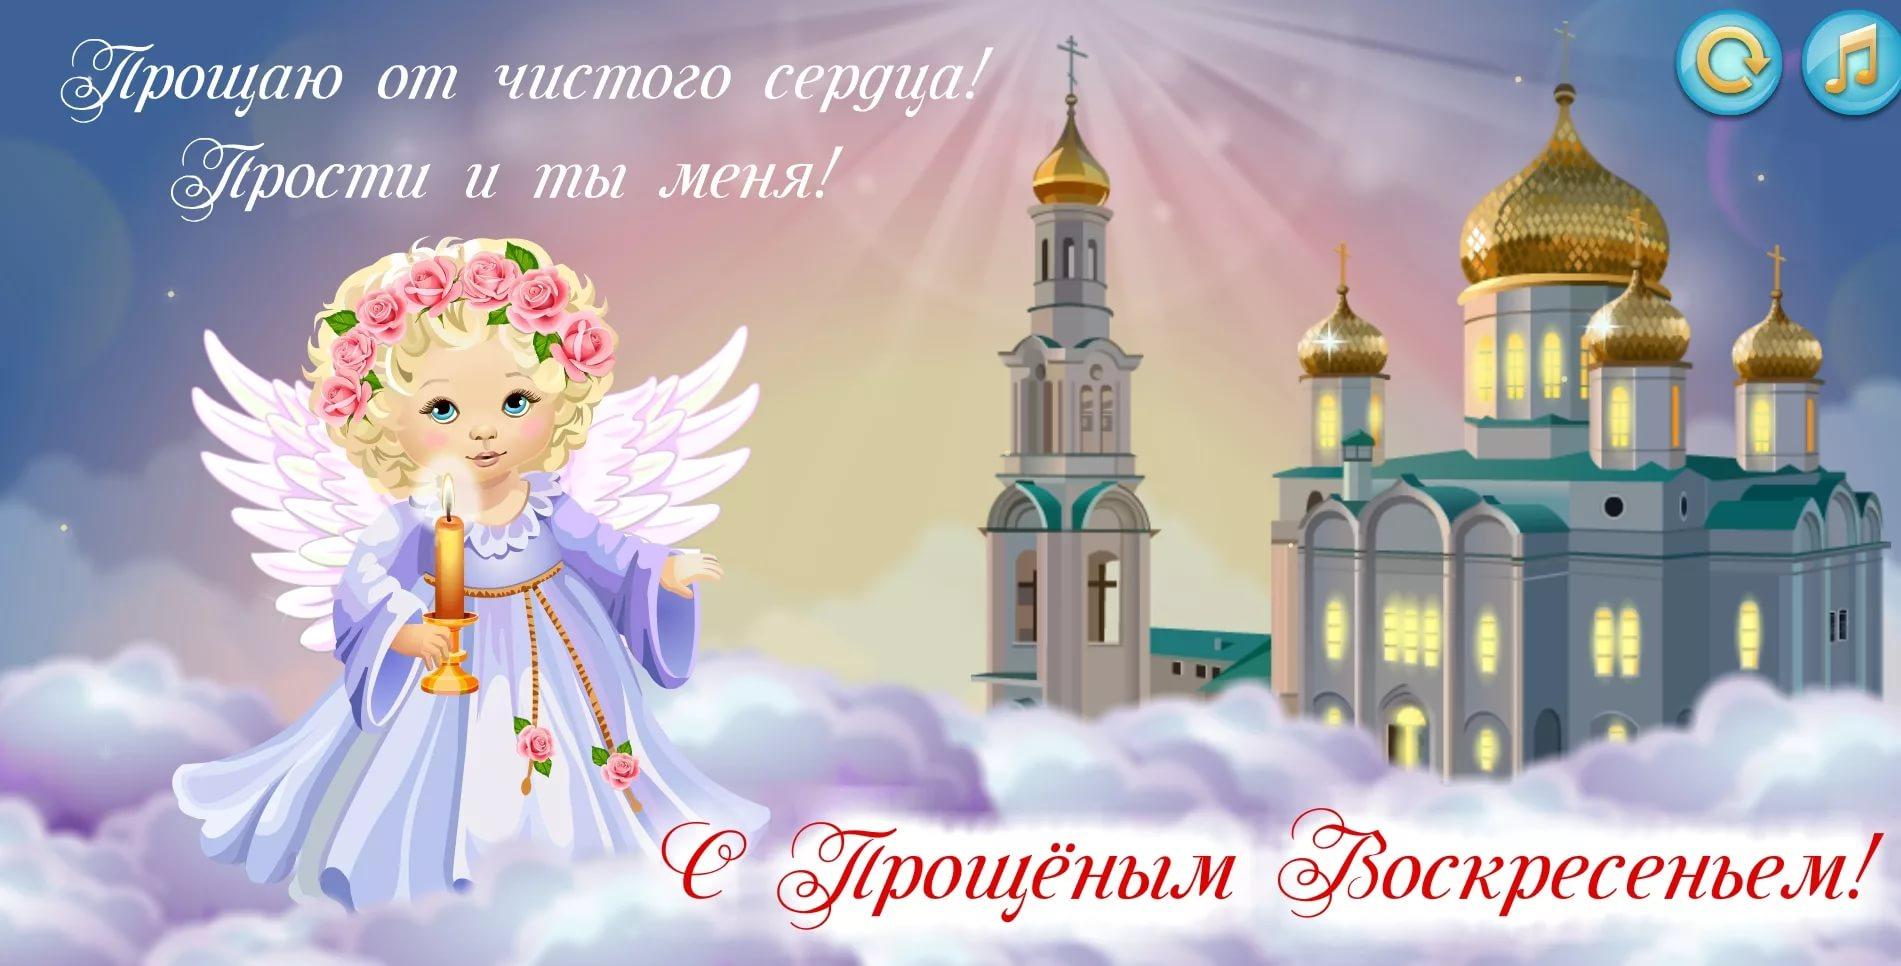 Поздравительные открытки С Прощённым Воскресеньем